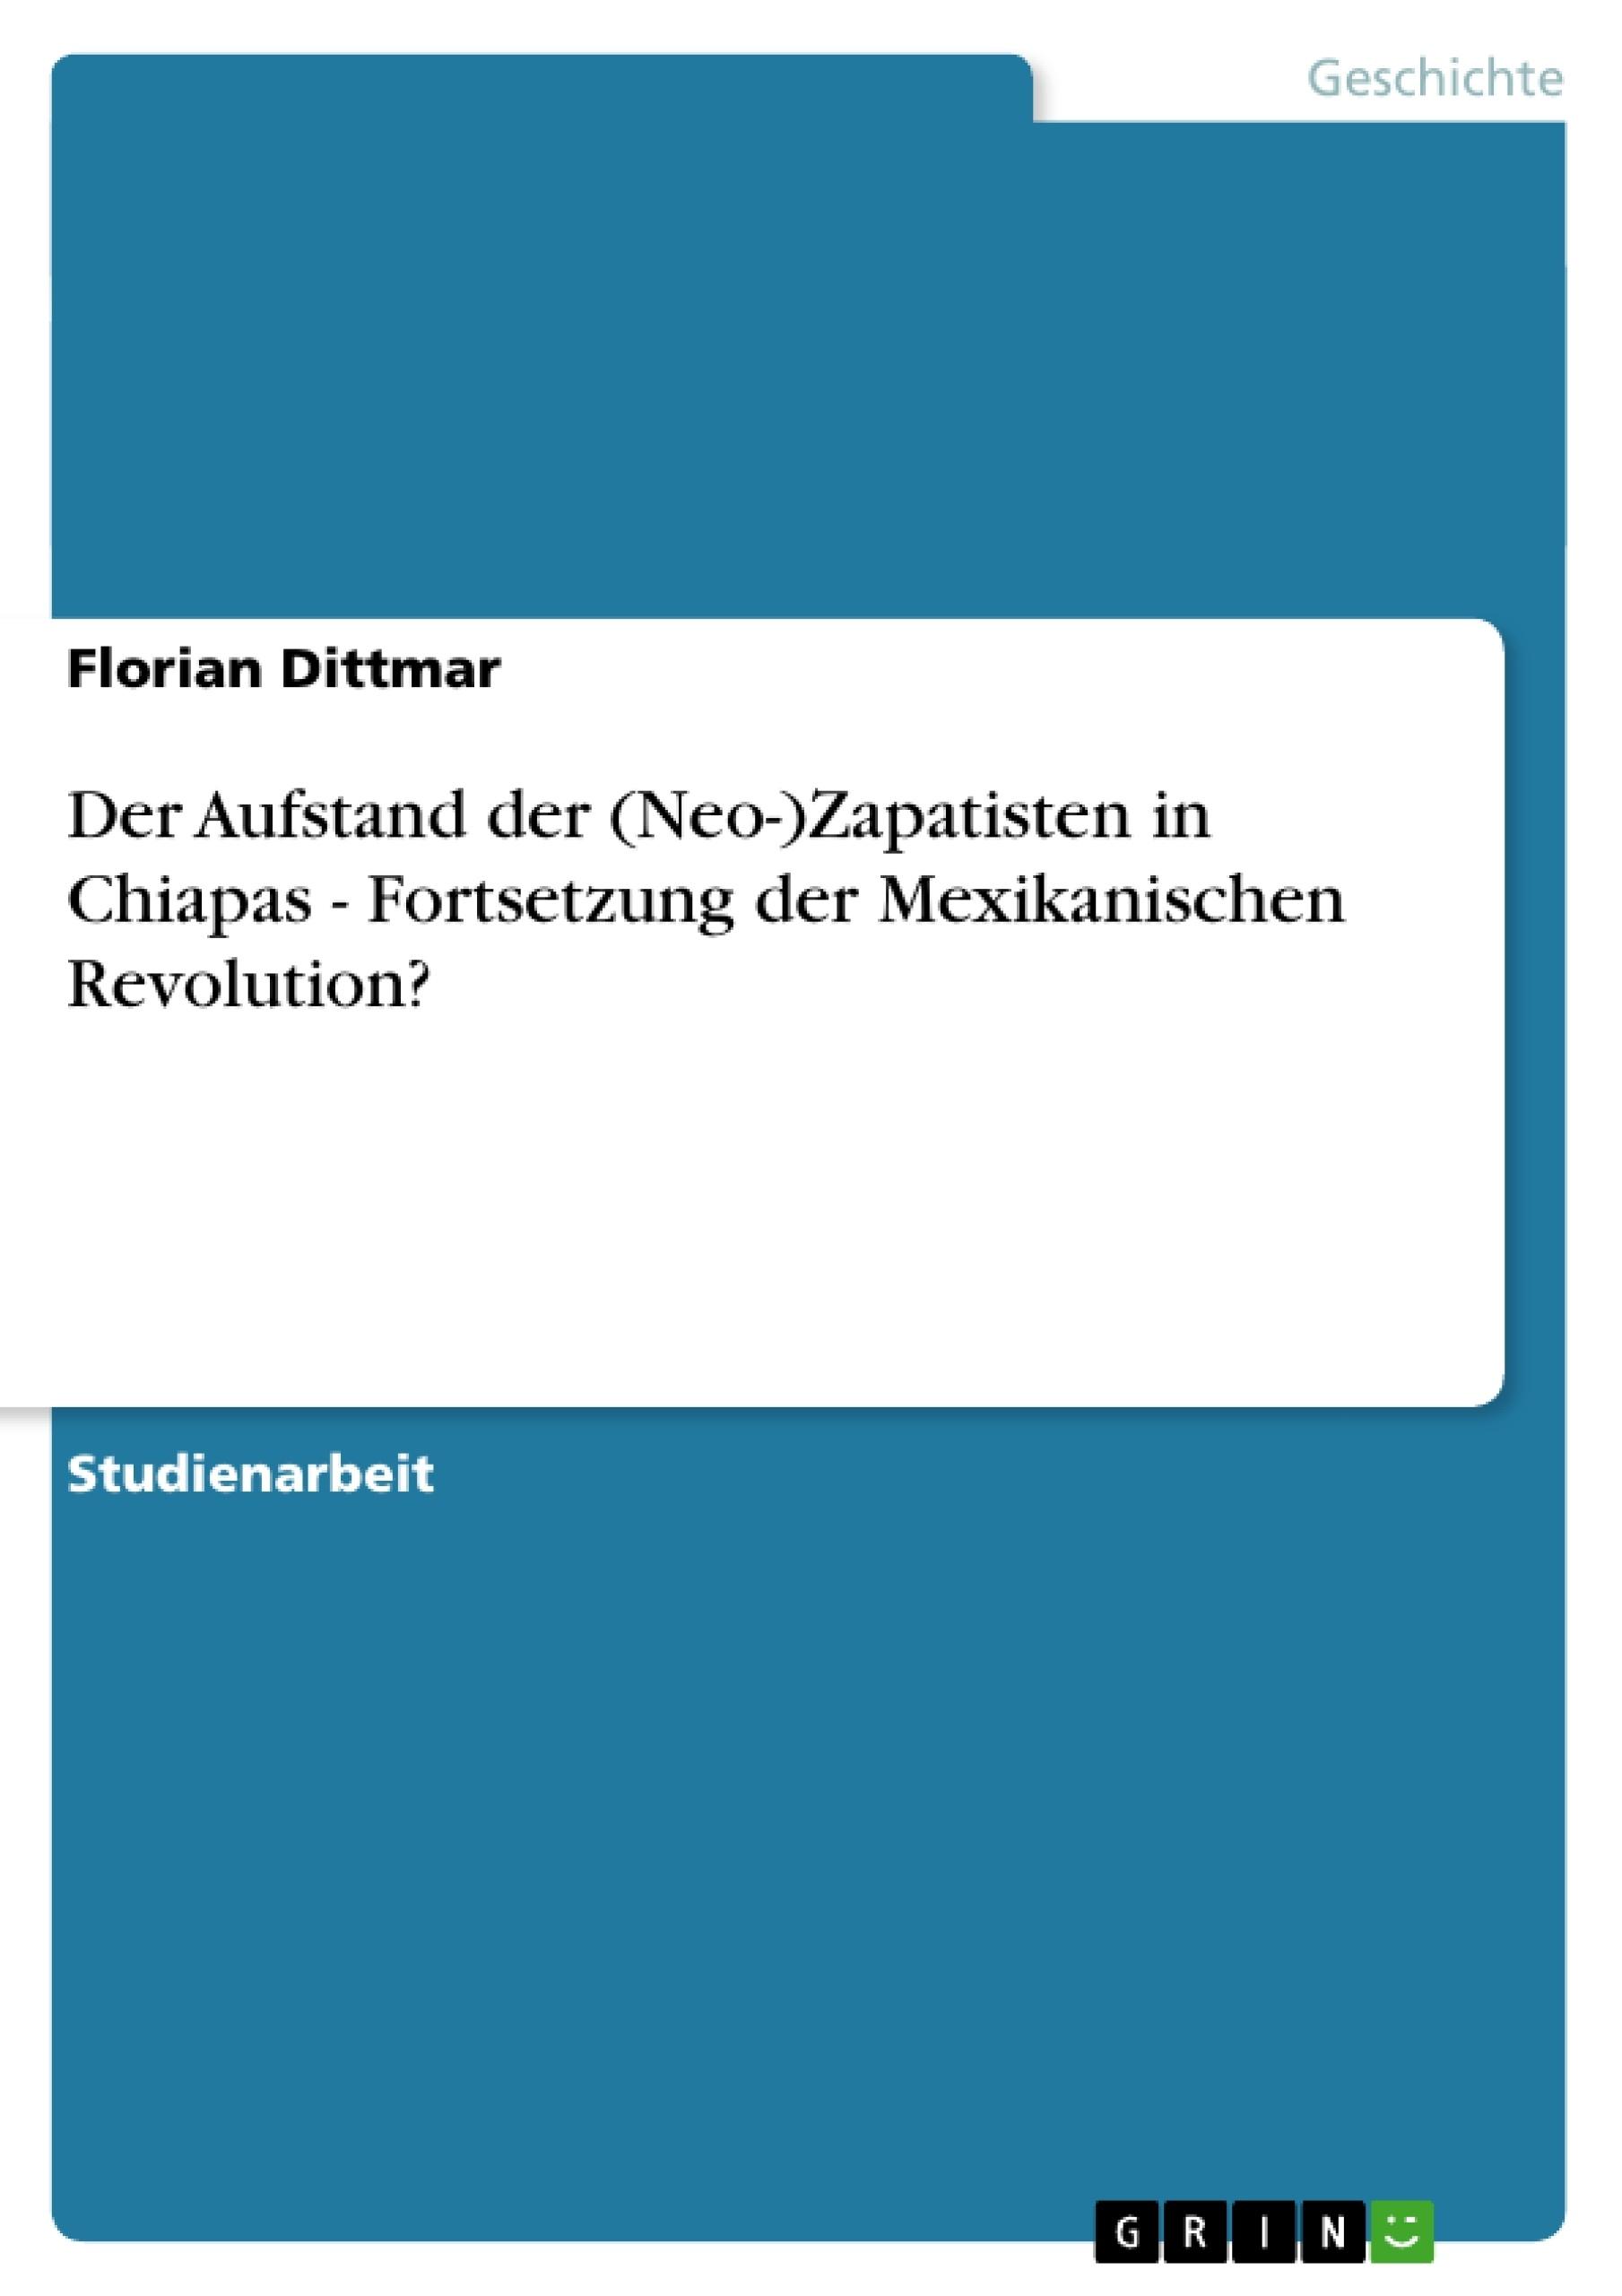 Titel: Der Aufstand der (Neo-)Zapatisten in Chiapas - Fortsetzung der Mexikanischen Revolution?